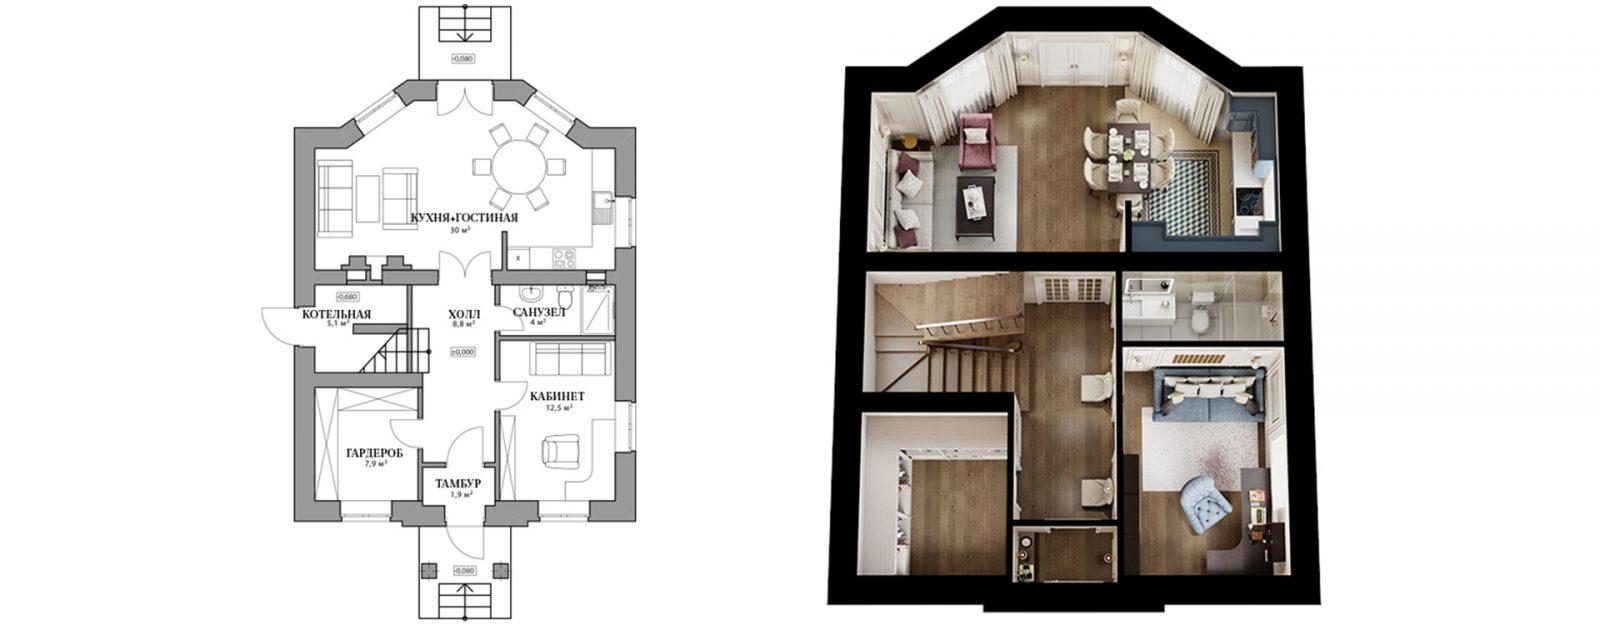 """Планировка первого этажа коттеджа """"Одри"""""""